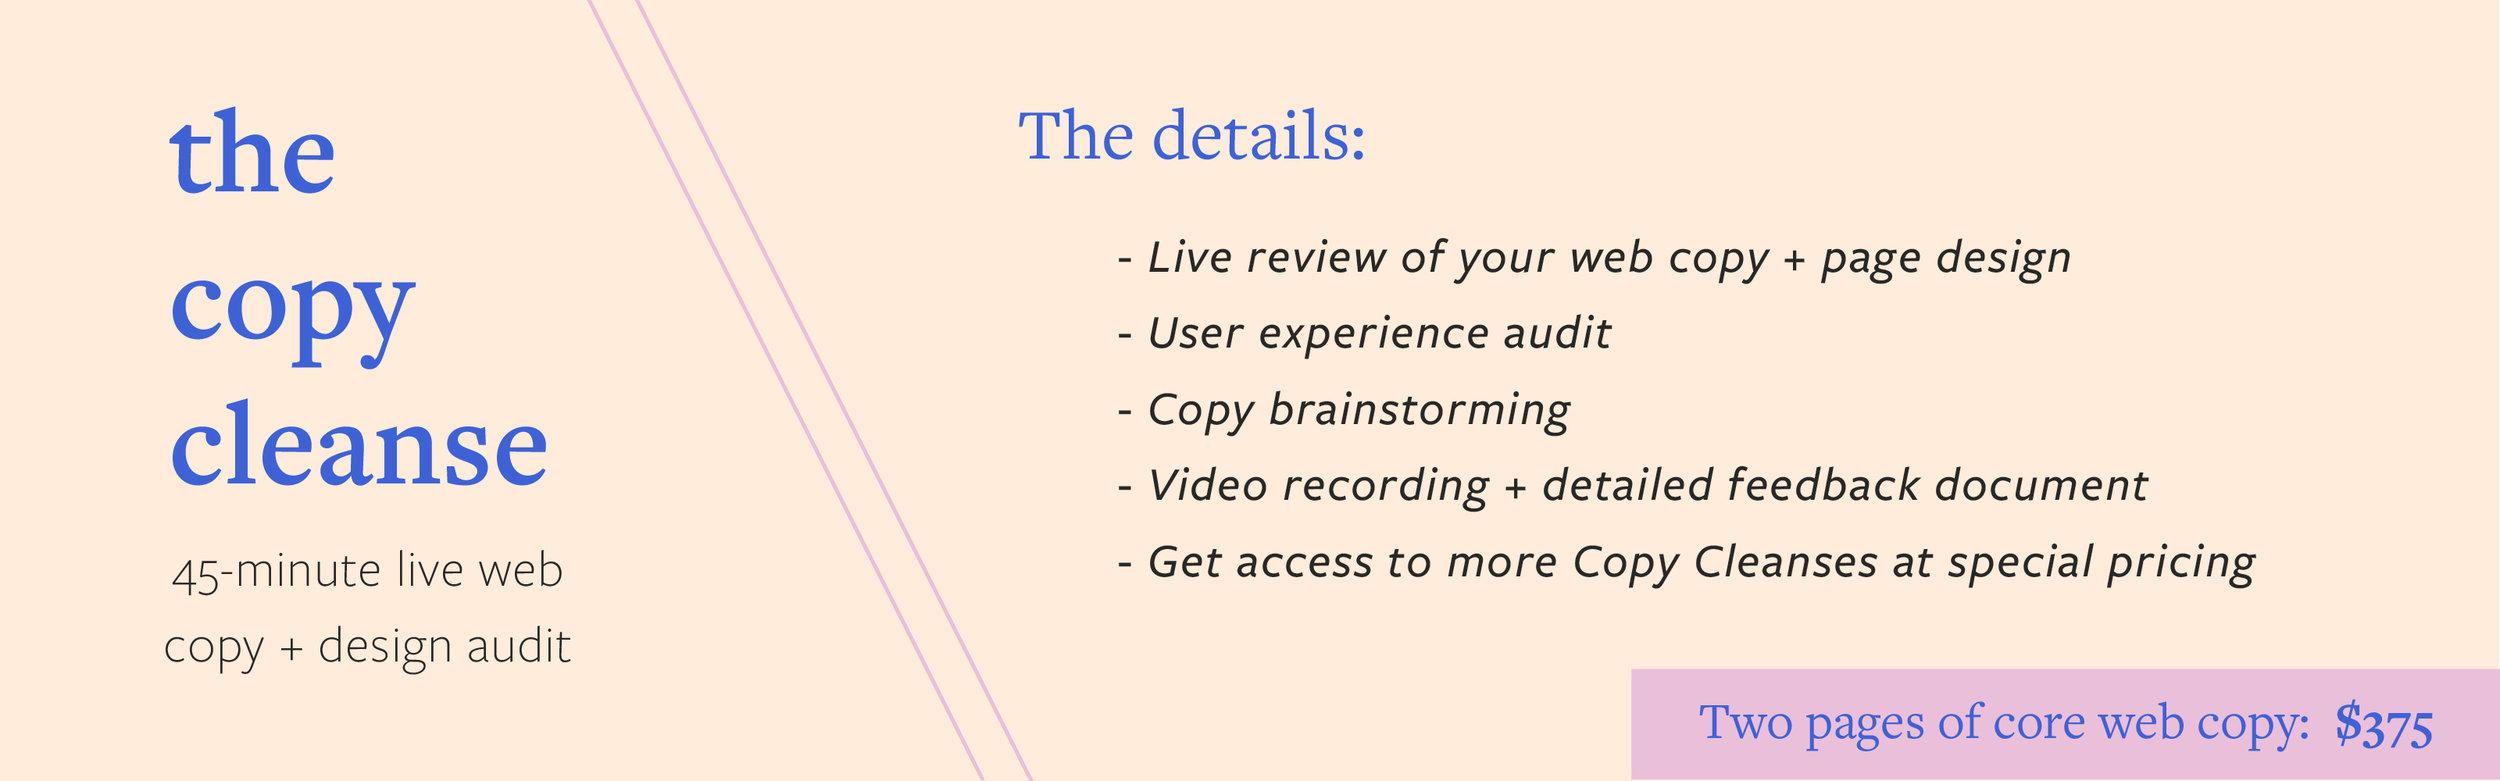 copy cleanse wellness branding copywriter zafira rajan.jpg